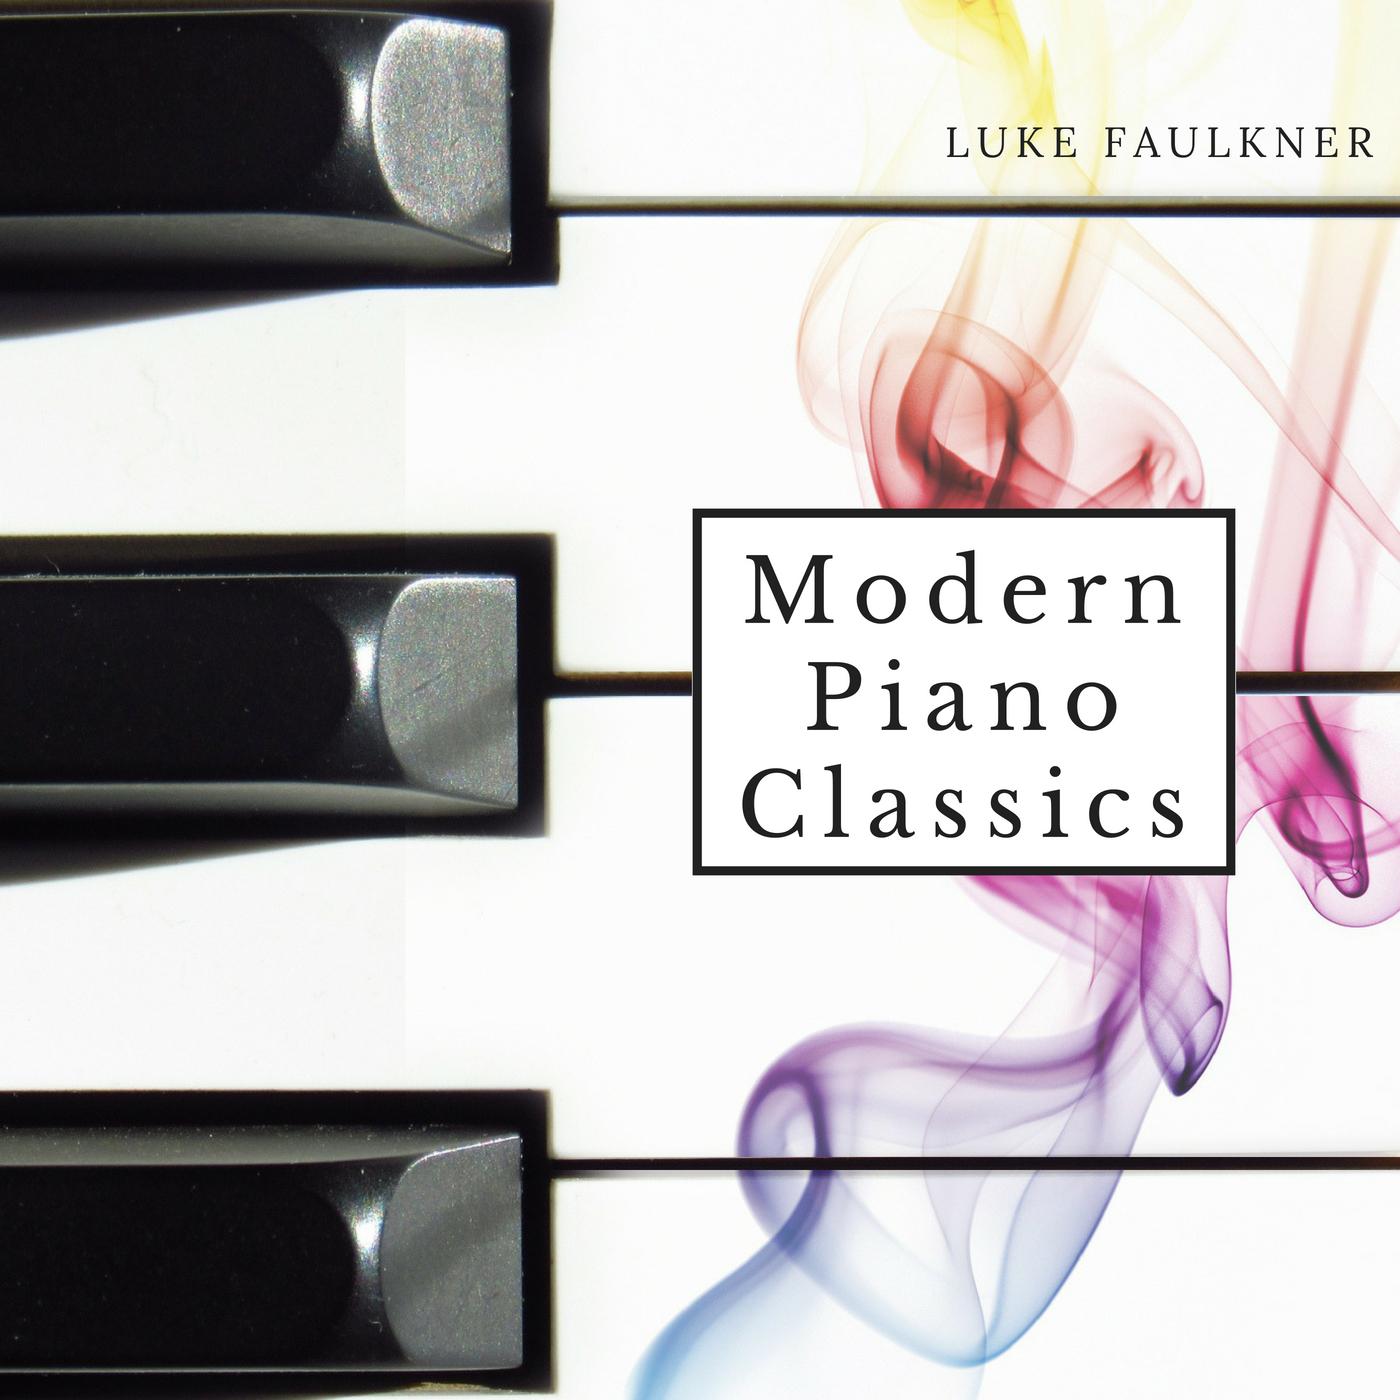 Modern Piano Classics